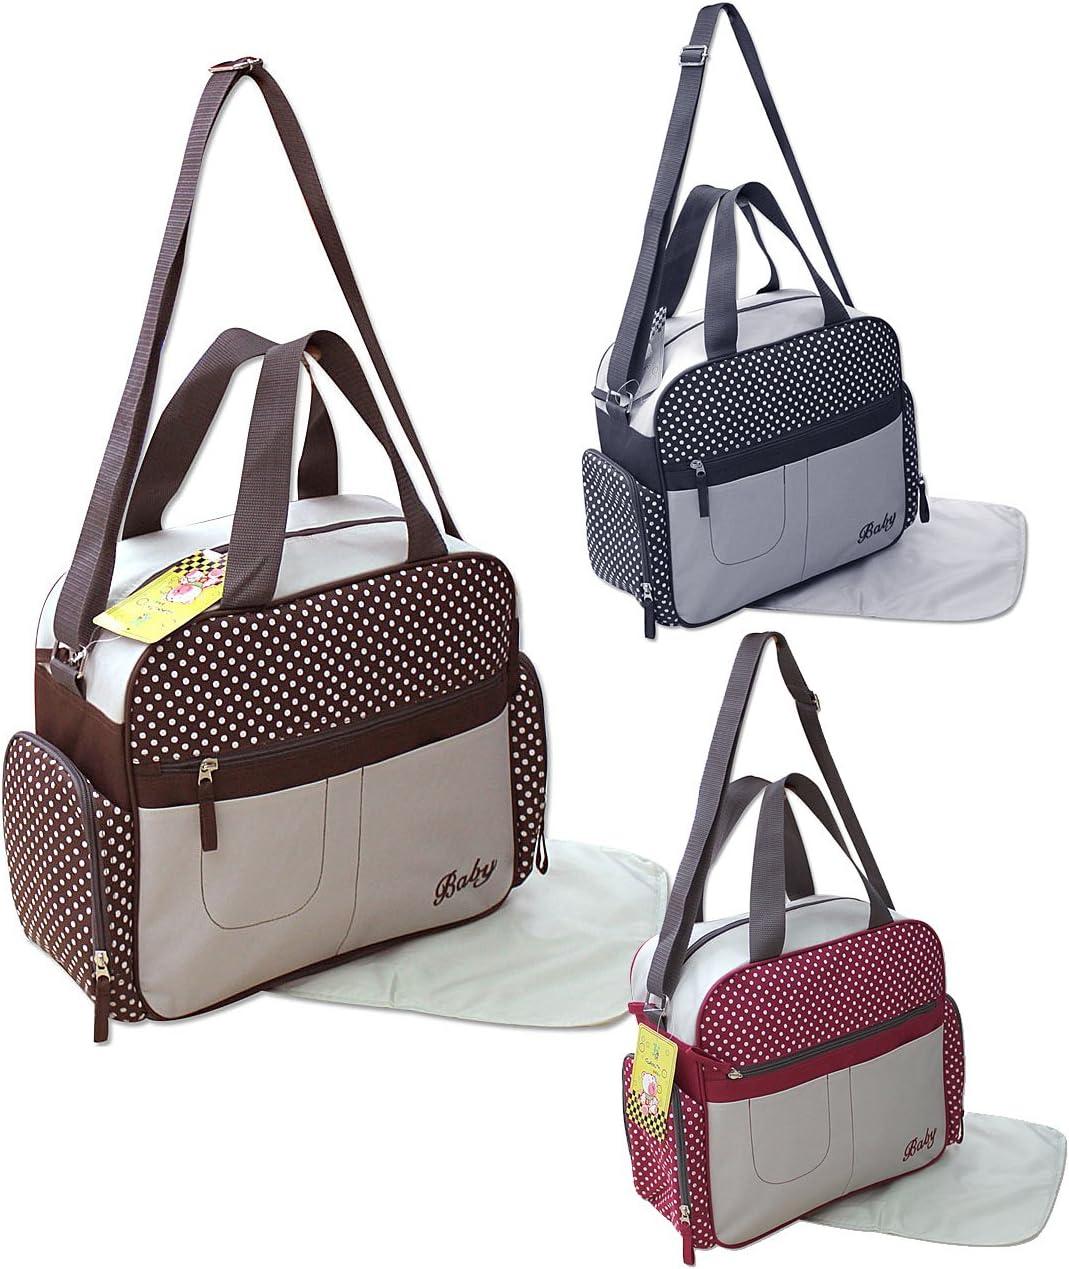 GMH 2 piezas bolsa de pa/ñales cambiantes bolsa beb/é bolsa de bolsa de pa/ñales de selecci/ón de color amarillento 2130